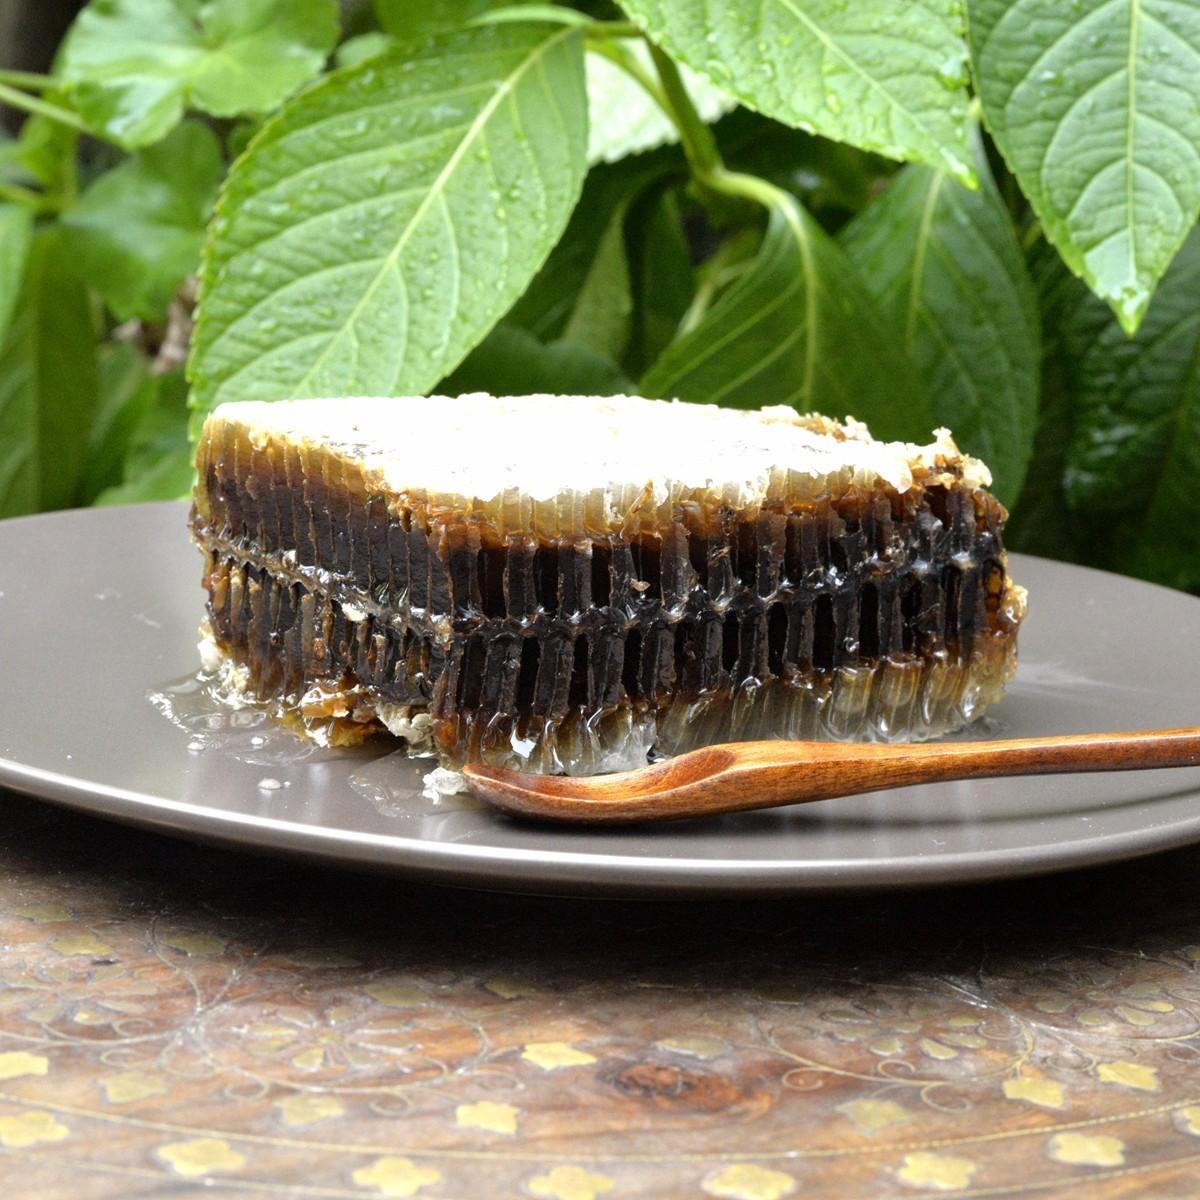 蜂蜜怎么去痘印 蜂蜜 品牌 蜂蜜的吃法 牛奶蜂蜜面膜怎么做 蜂蜜水什么时候喝好